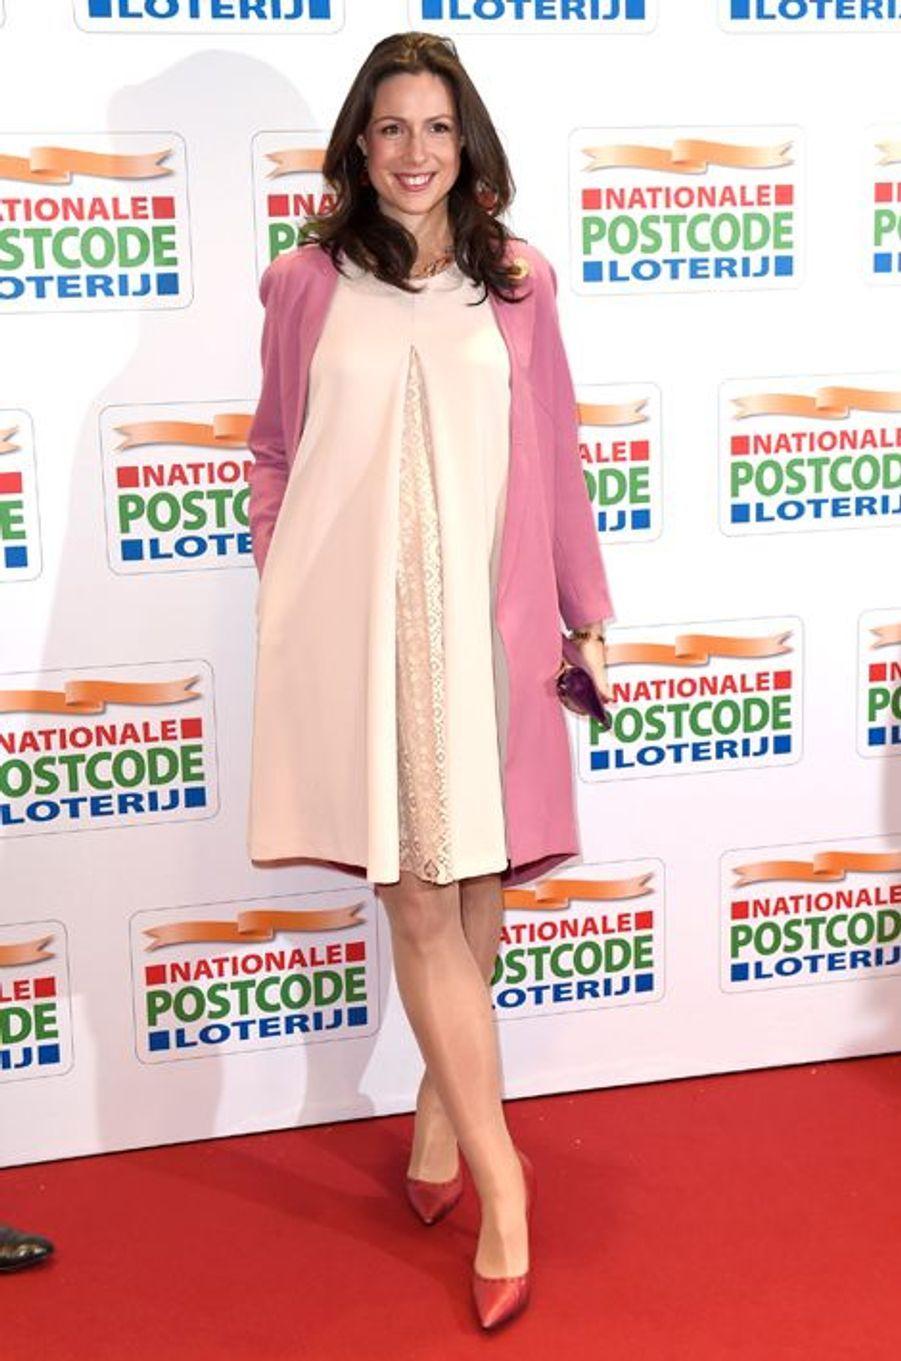 La princesse Viktoria de Bourbon de Parme à Amsterdam, le 26 janvier 2016